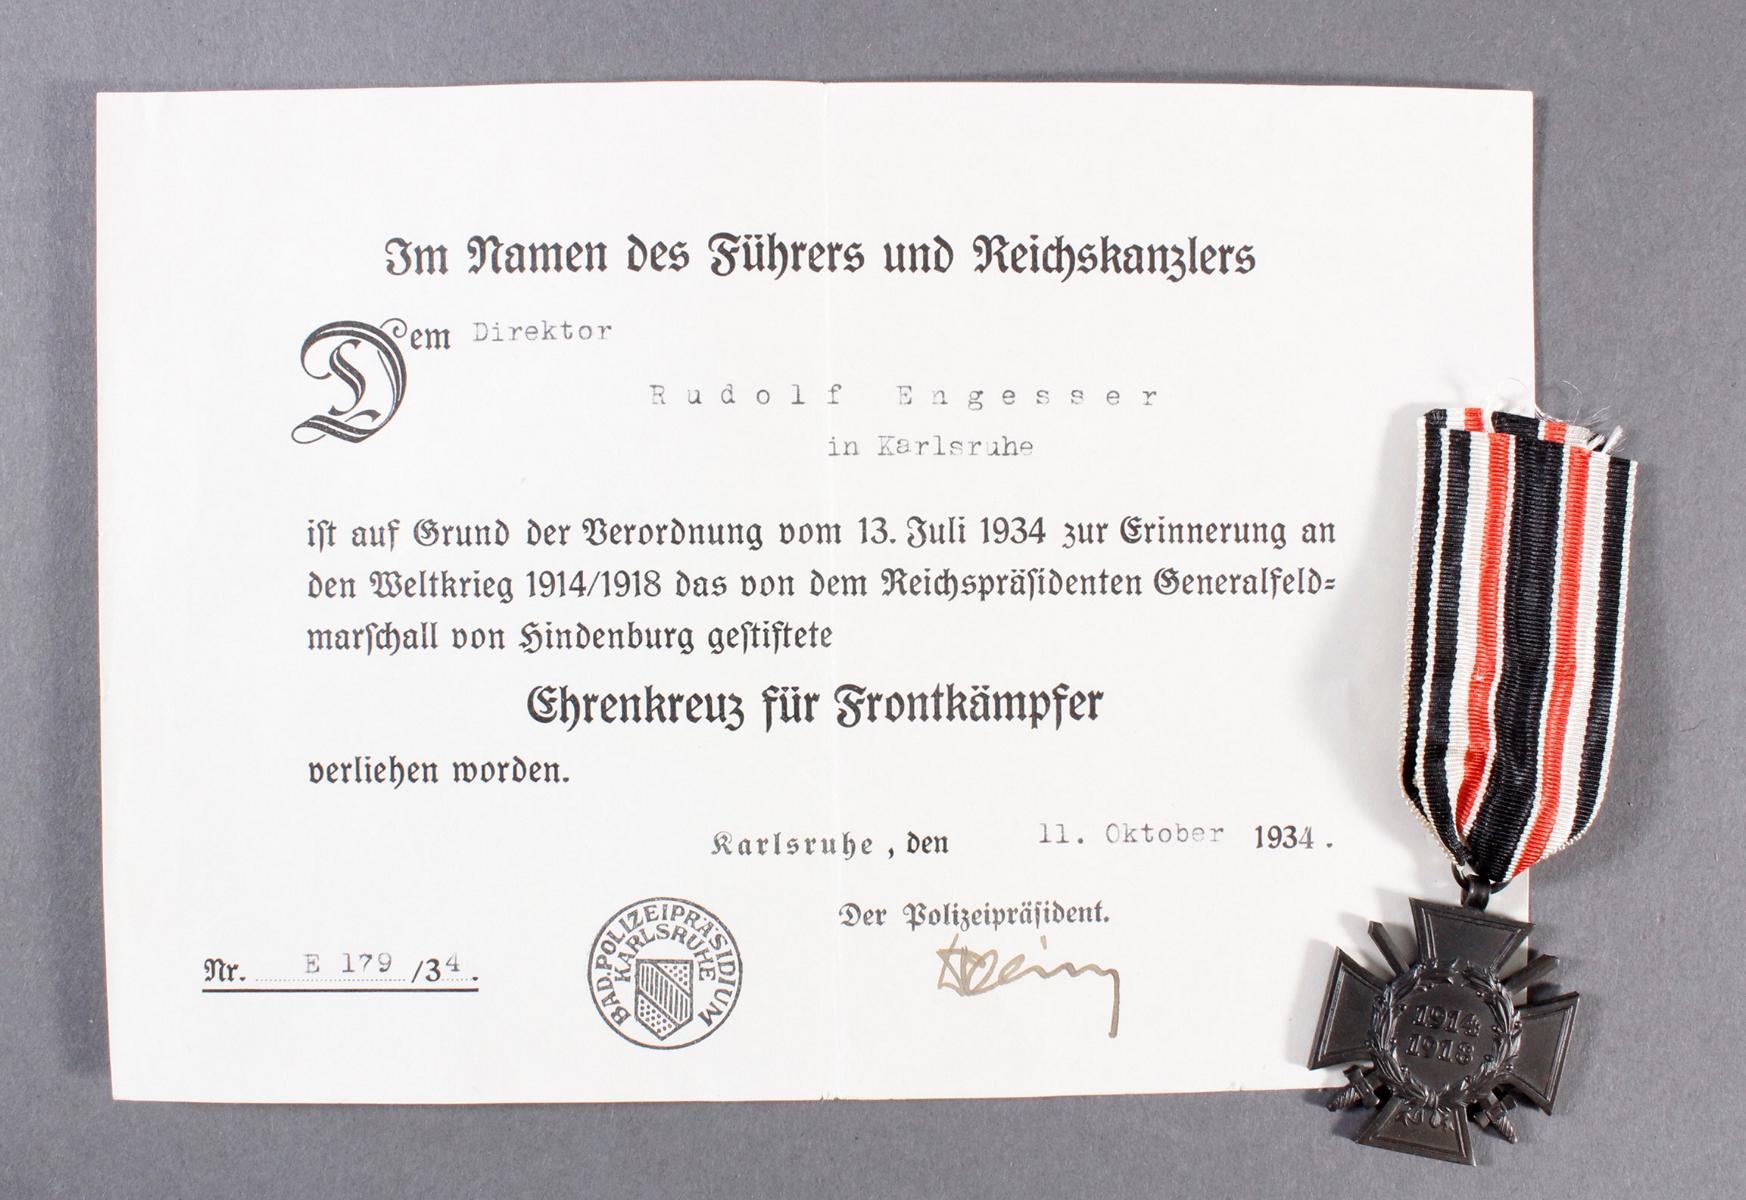 Ehrenkreuz für Frontkämpfer am Band mit Verleihungsurkunde vom 11.Oktober 1934